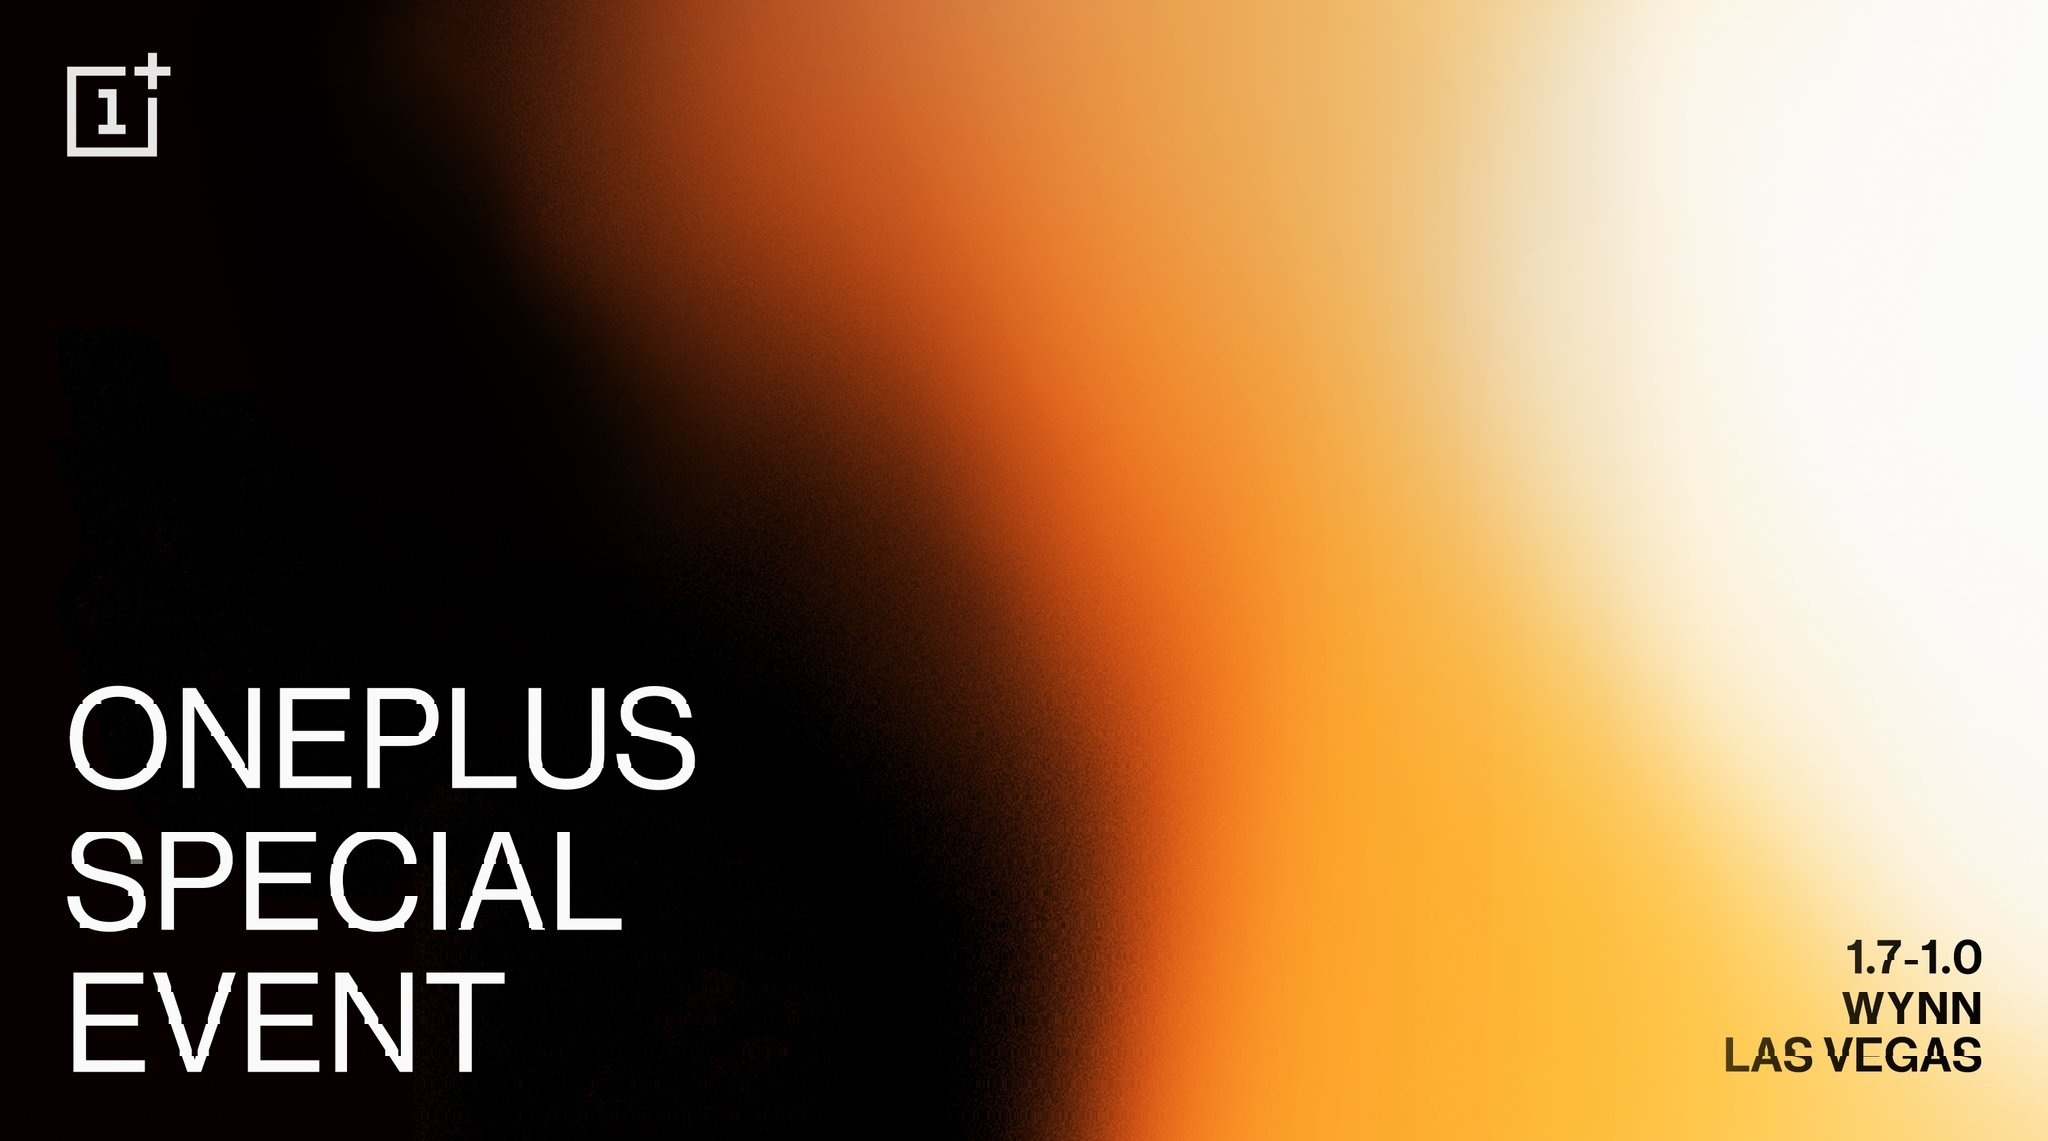 OnePlus convite